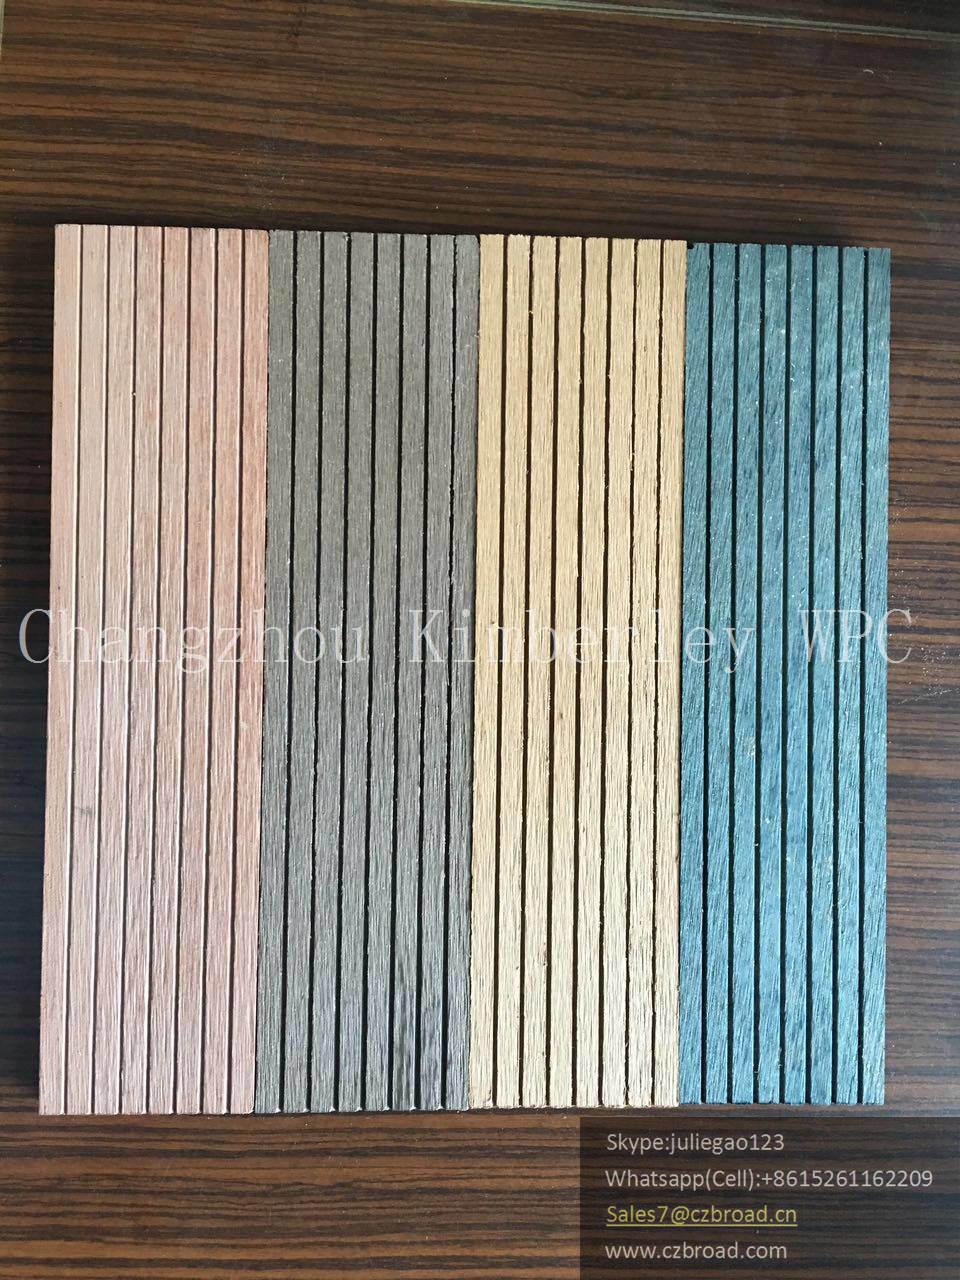 Wood Grain Timber Decking Floor